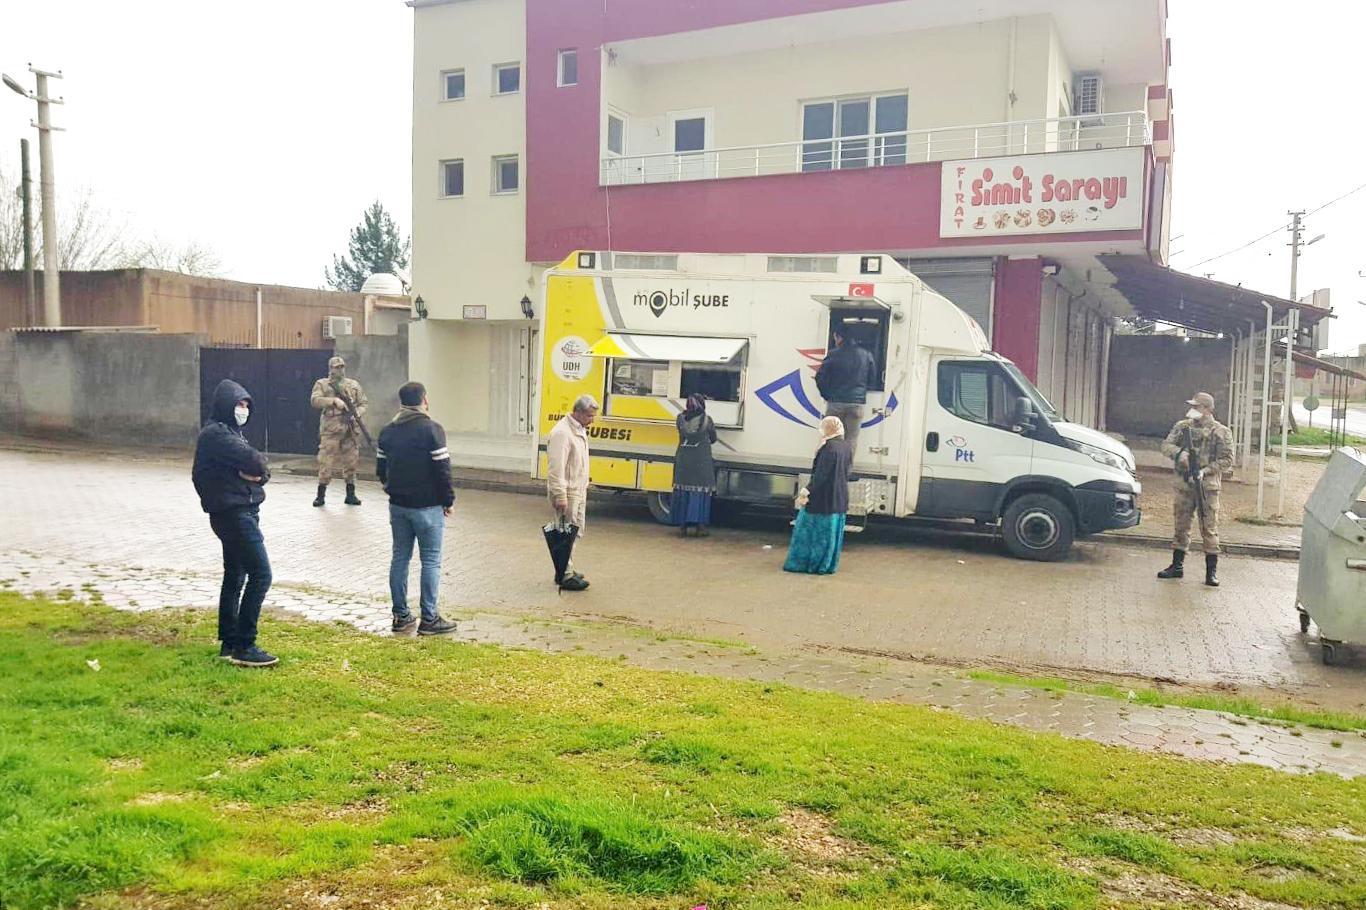 Kırsal mahallelerde PTT mobil aracı hizmet vermeye başladı